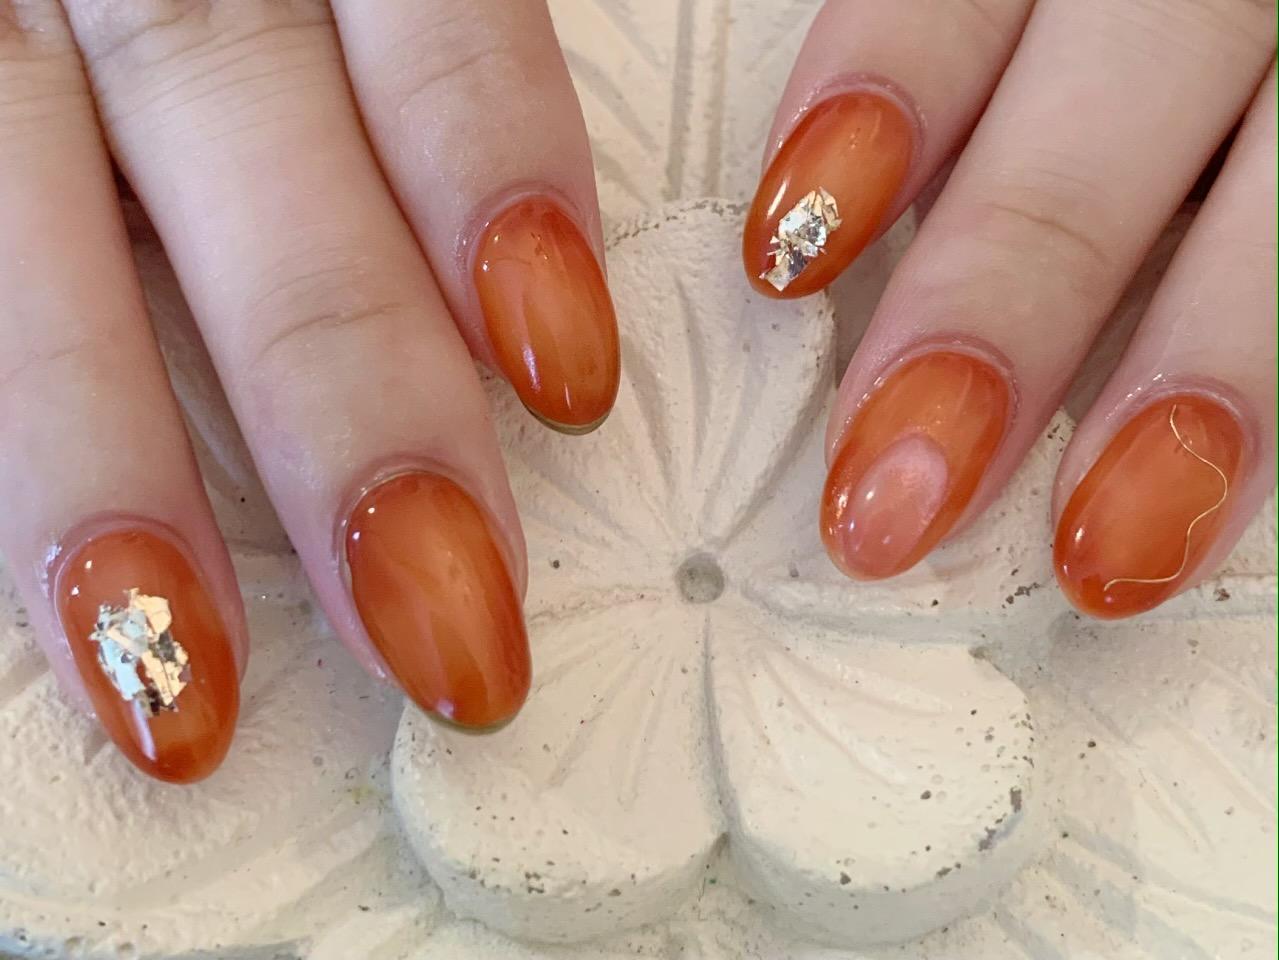 オレンジ 囲みグラデネイル